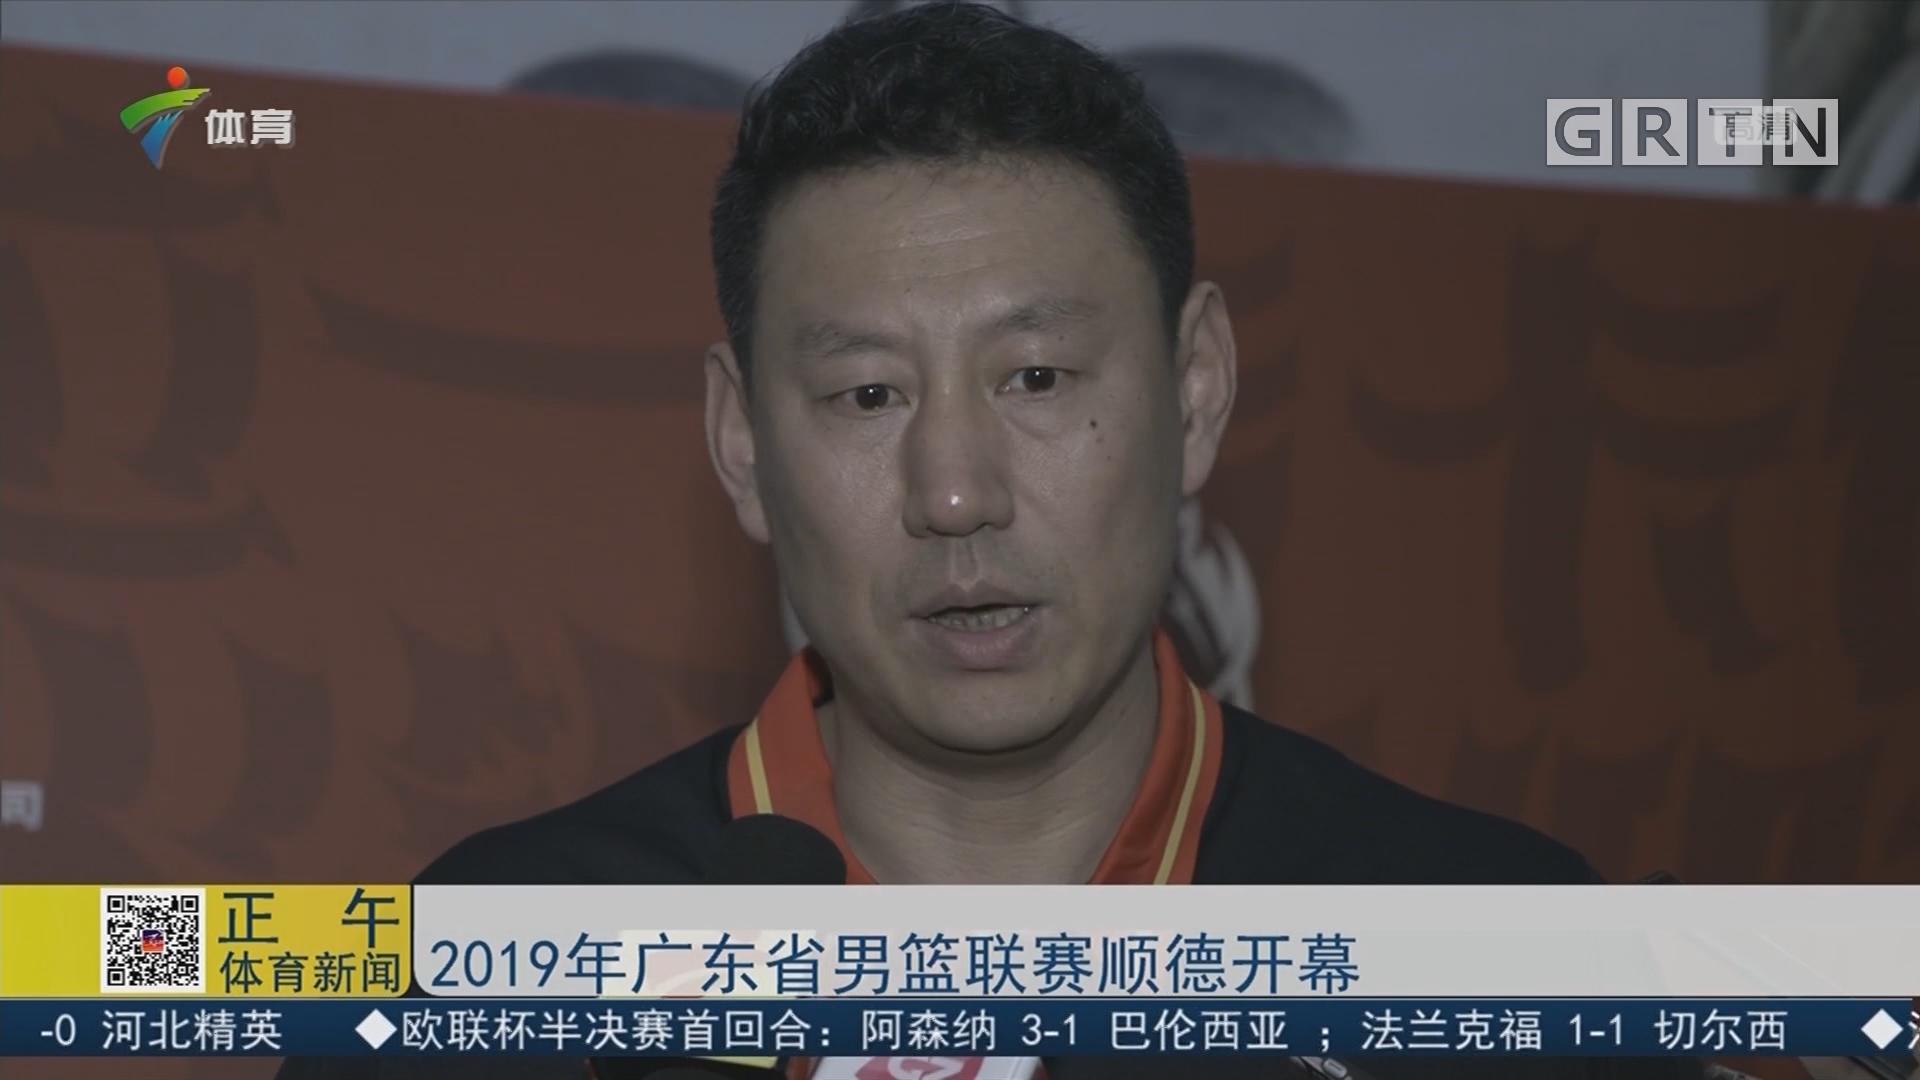 2019年广东省男篮联赛顺德开幕